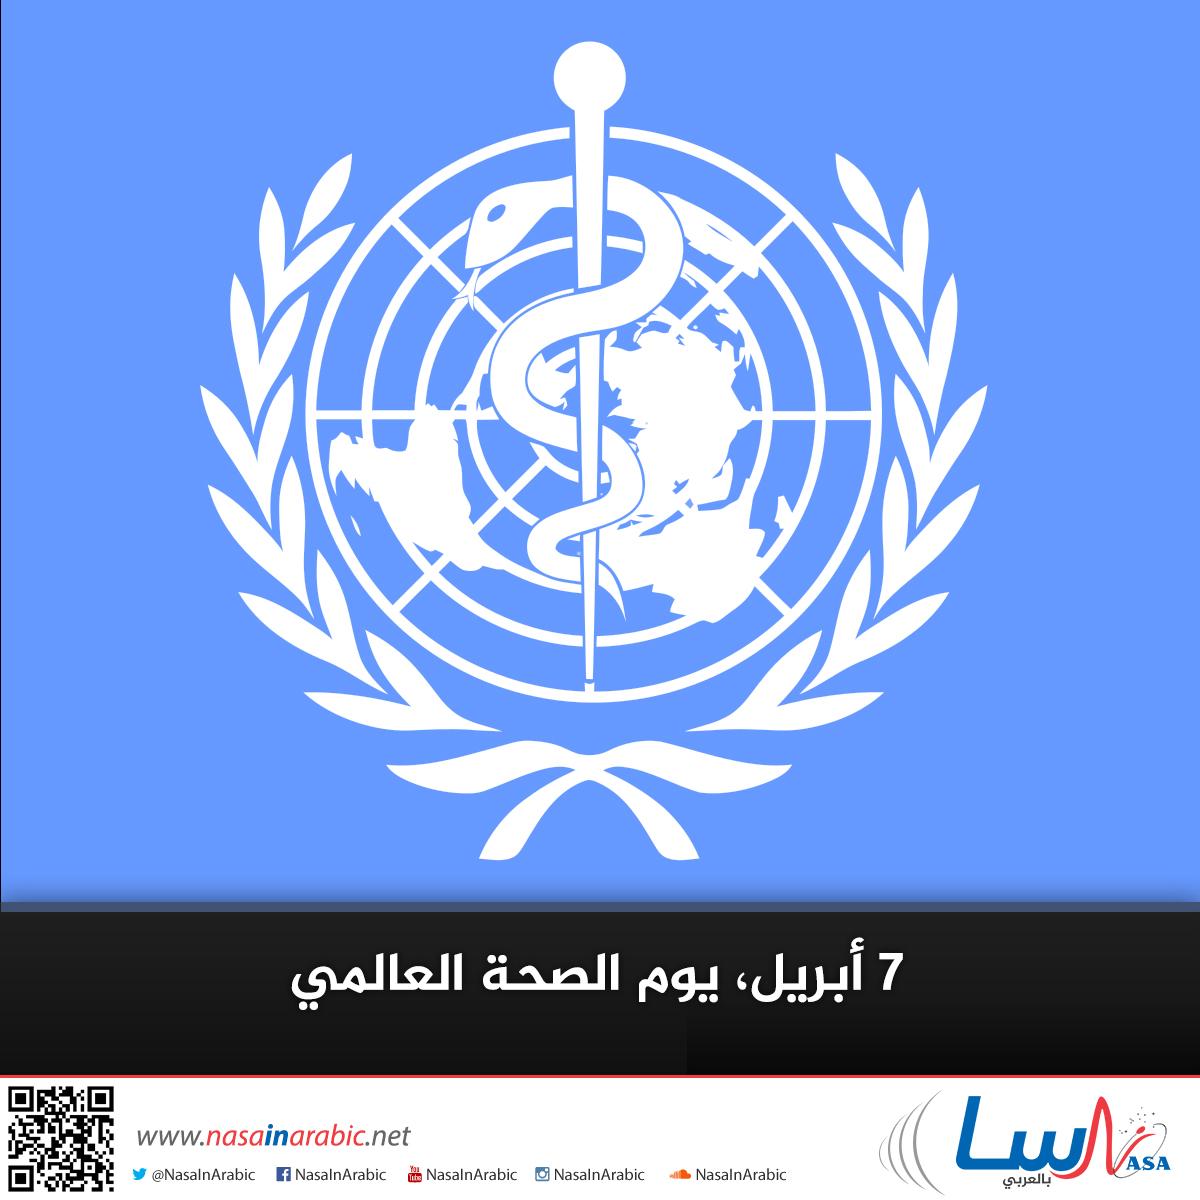 7 أبريل، يوم الصحة العالمي